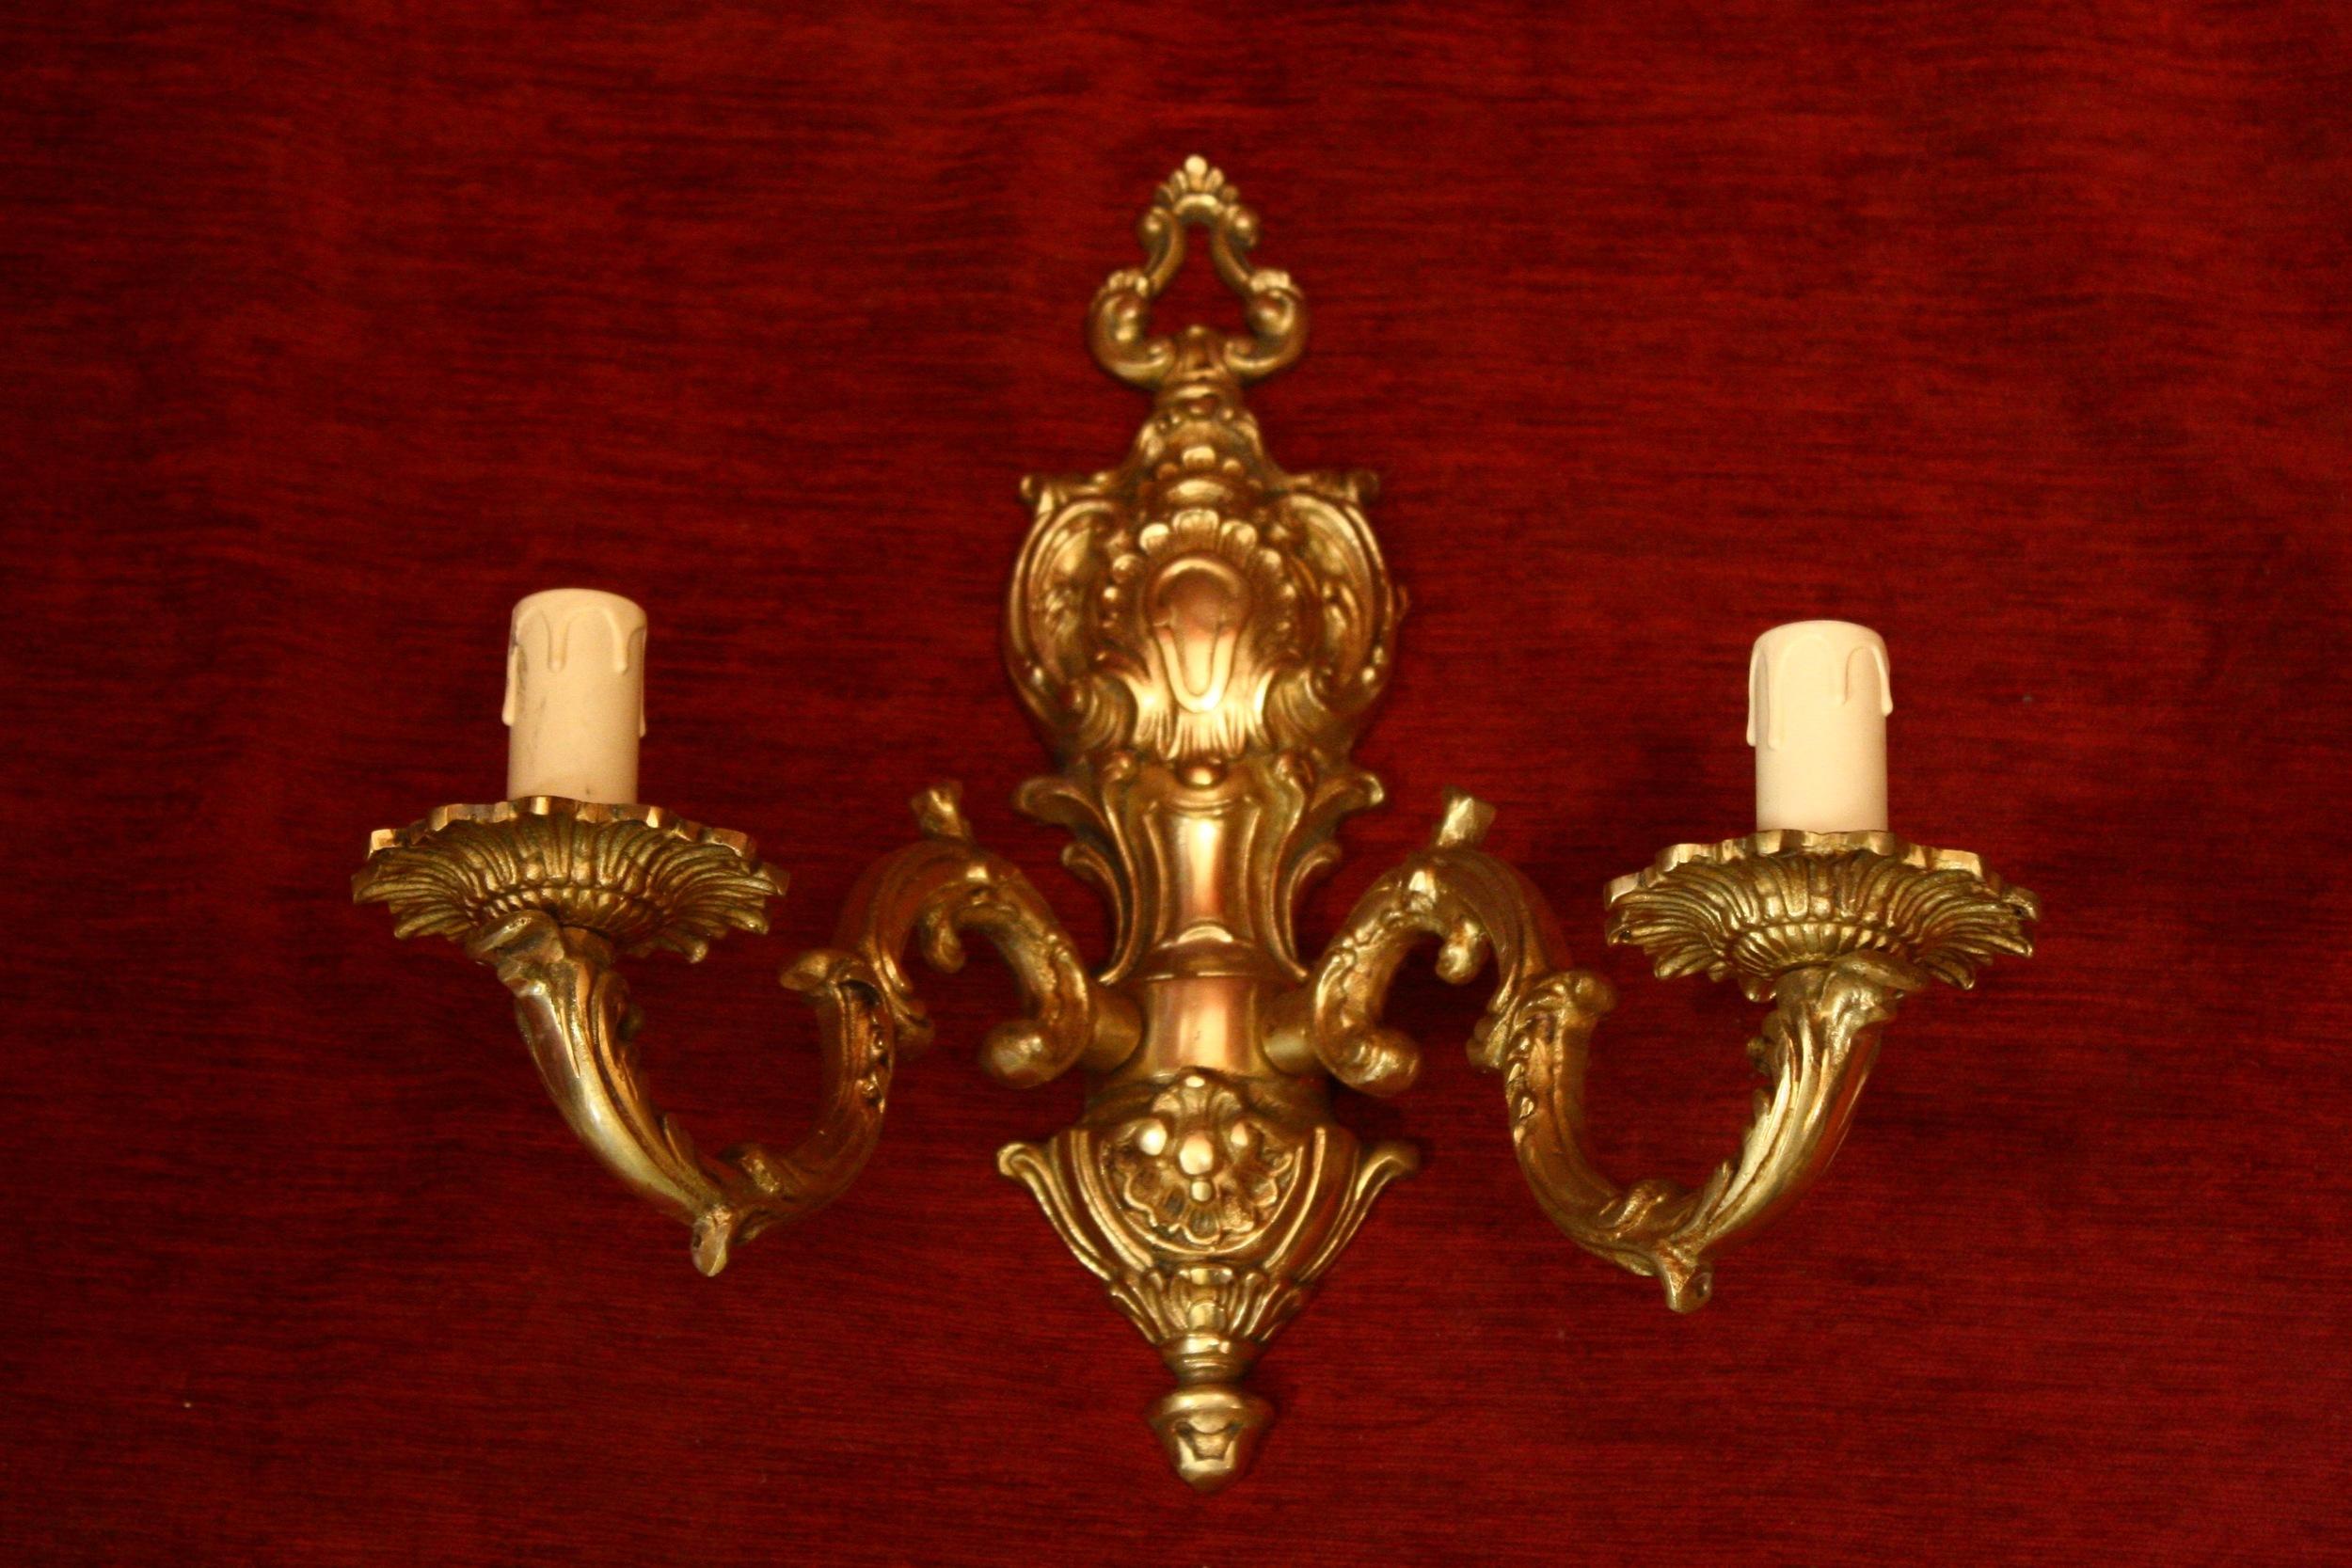 Renaissance Antique Dublin Ireland brass double wall lights